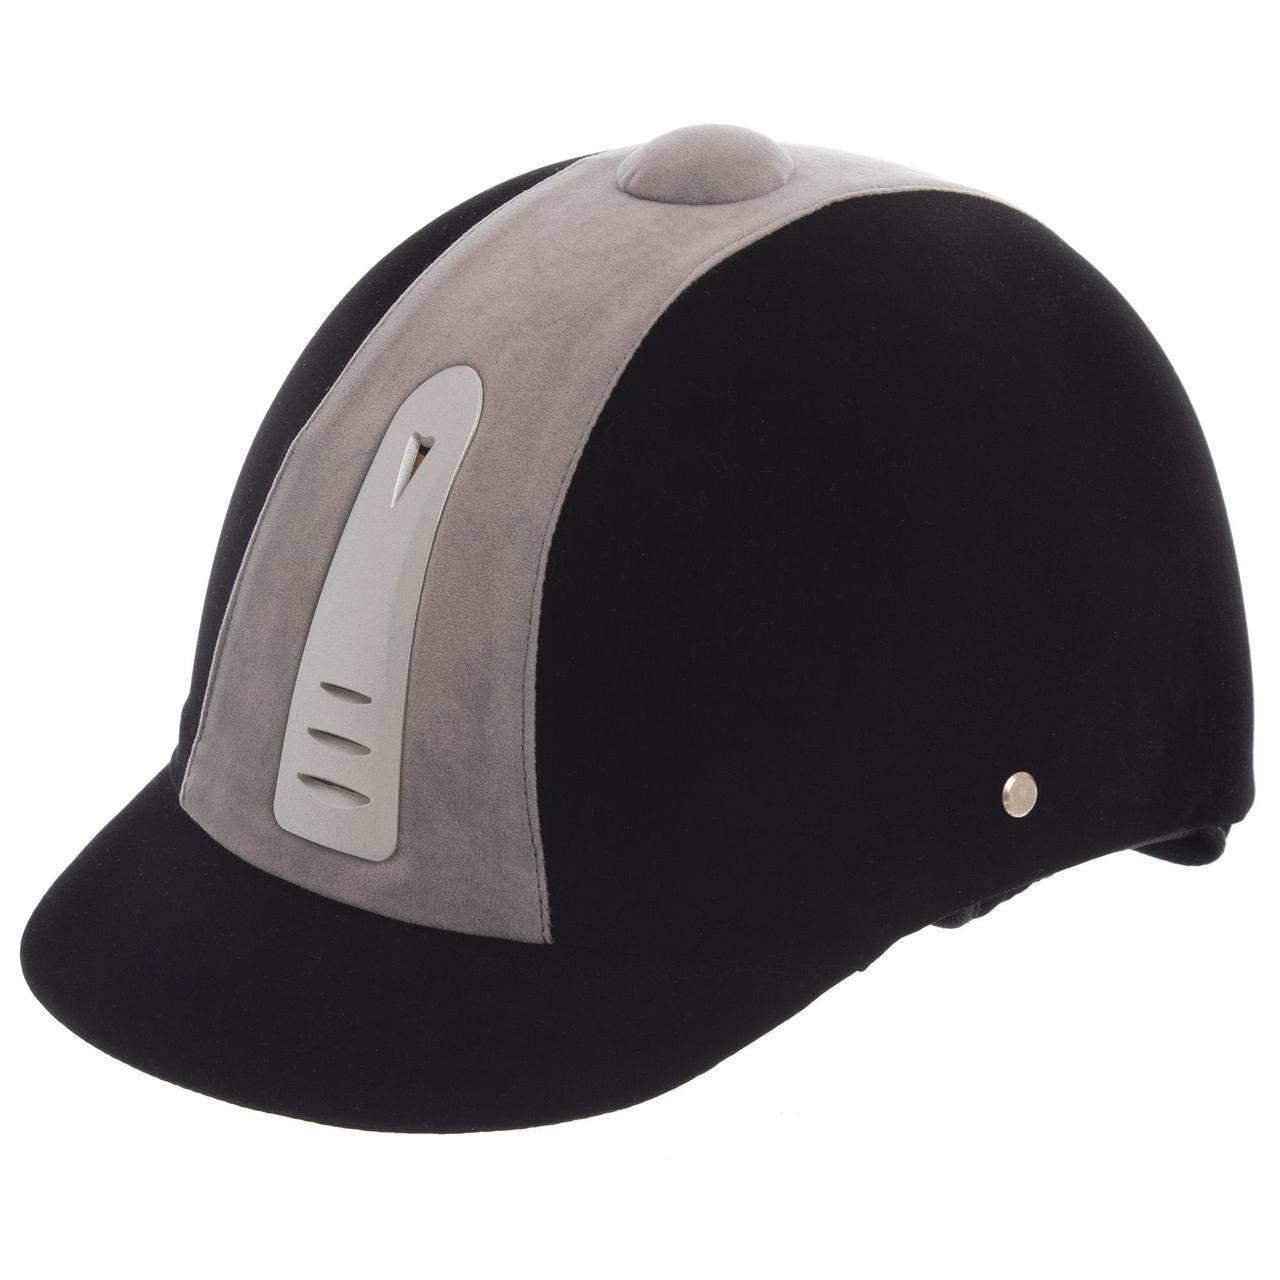 Шлем для верховой езды BC-908-1 (ABS, р-р 54, черный-белый)